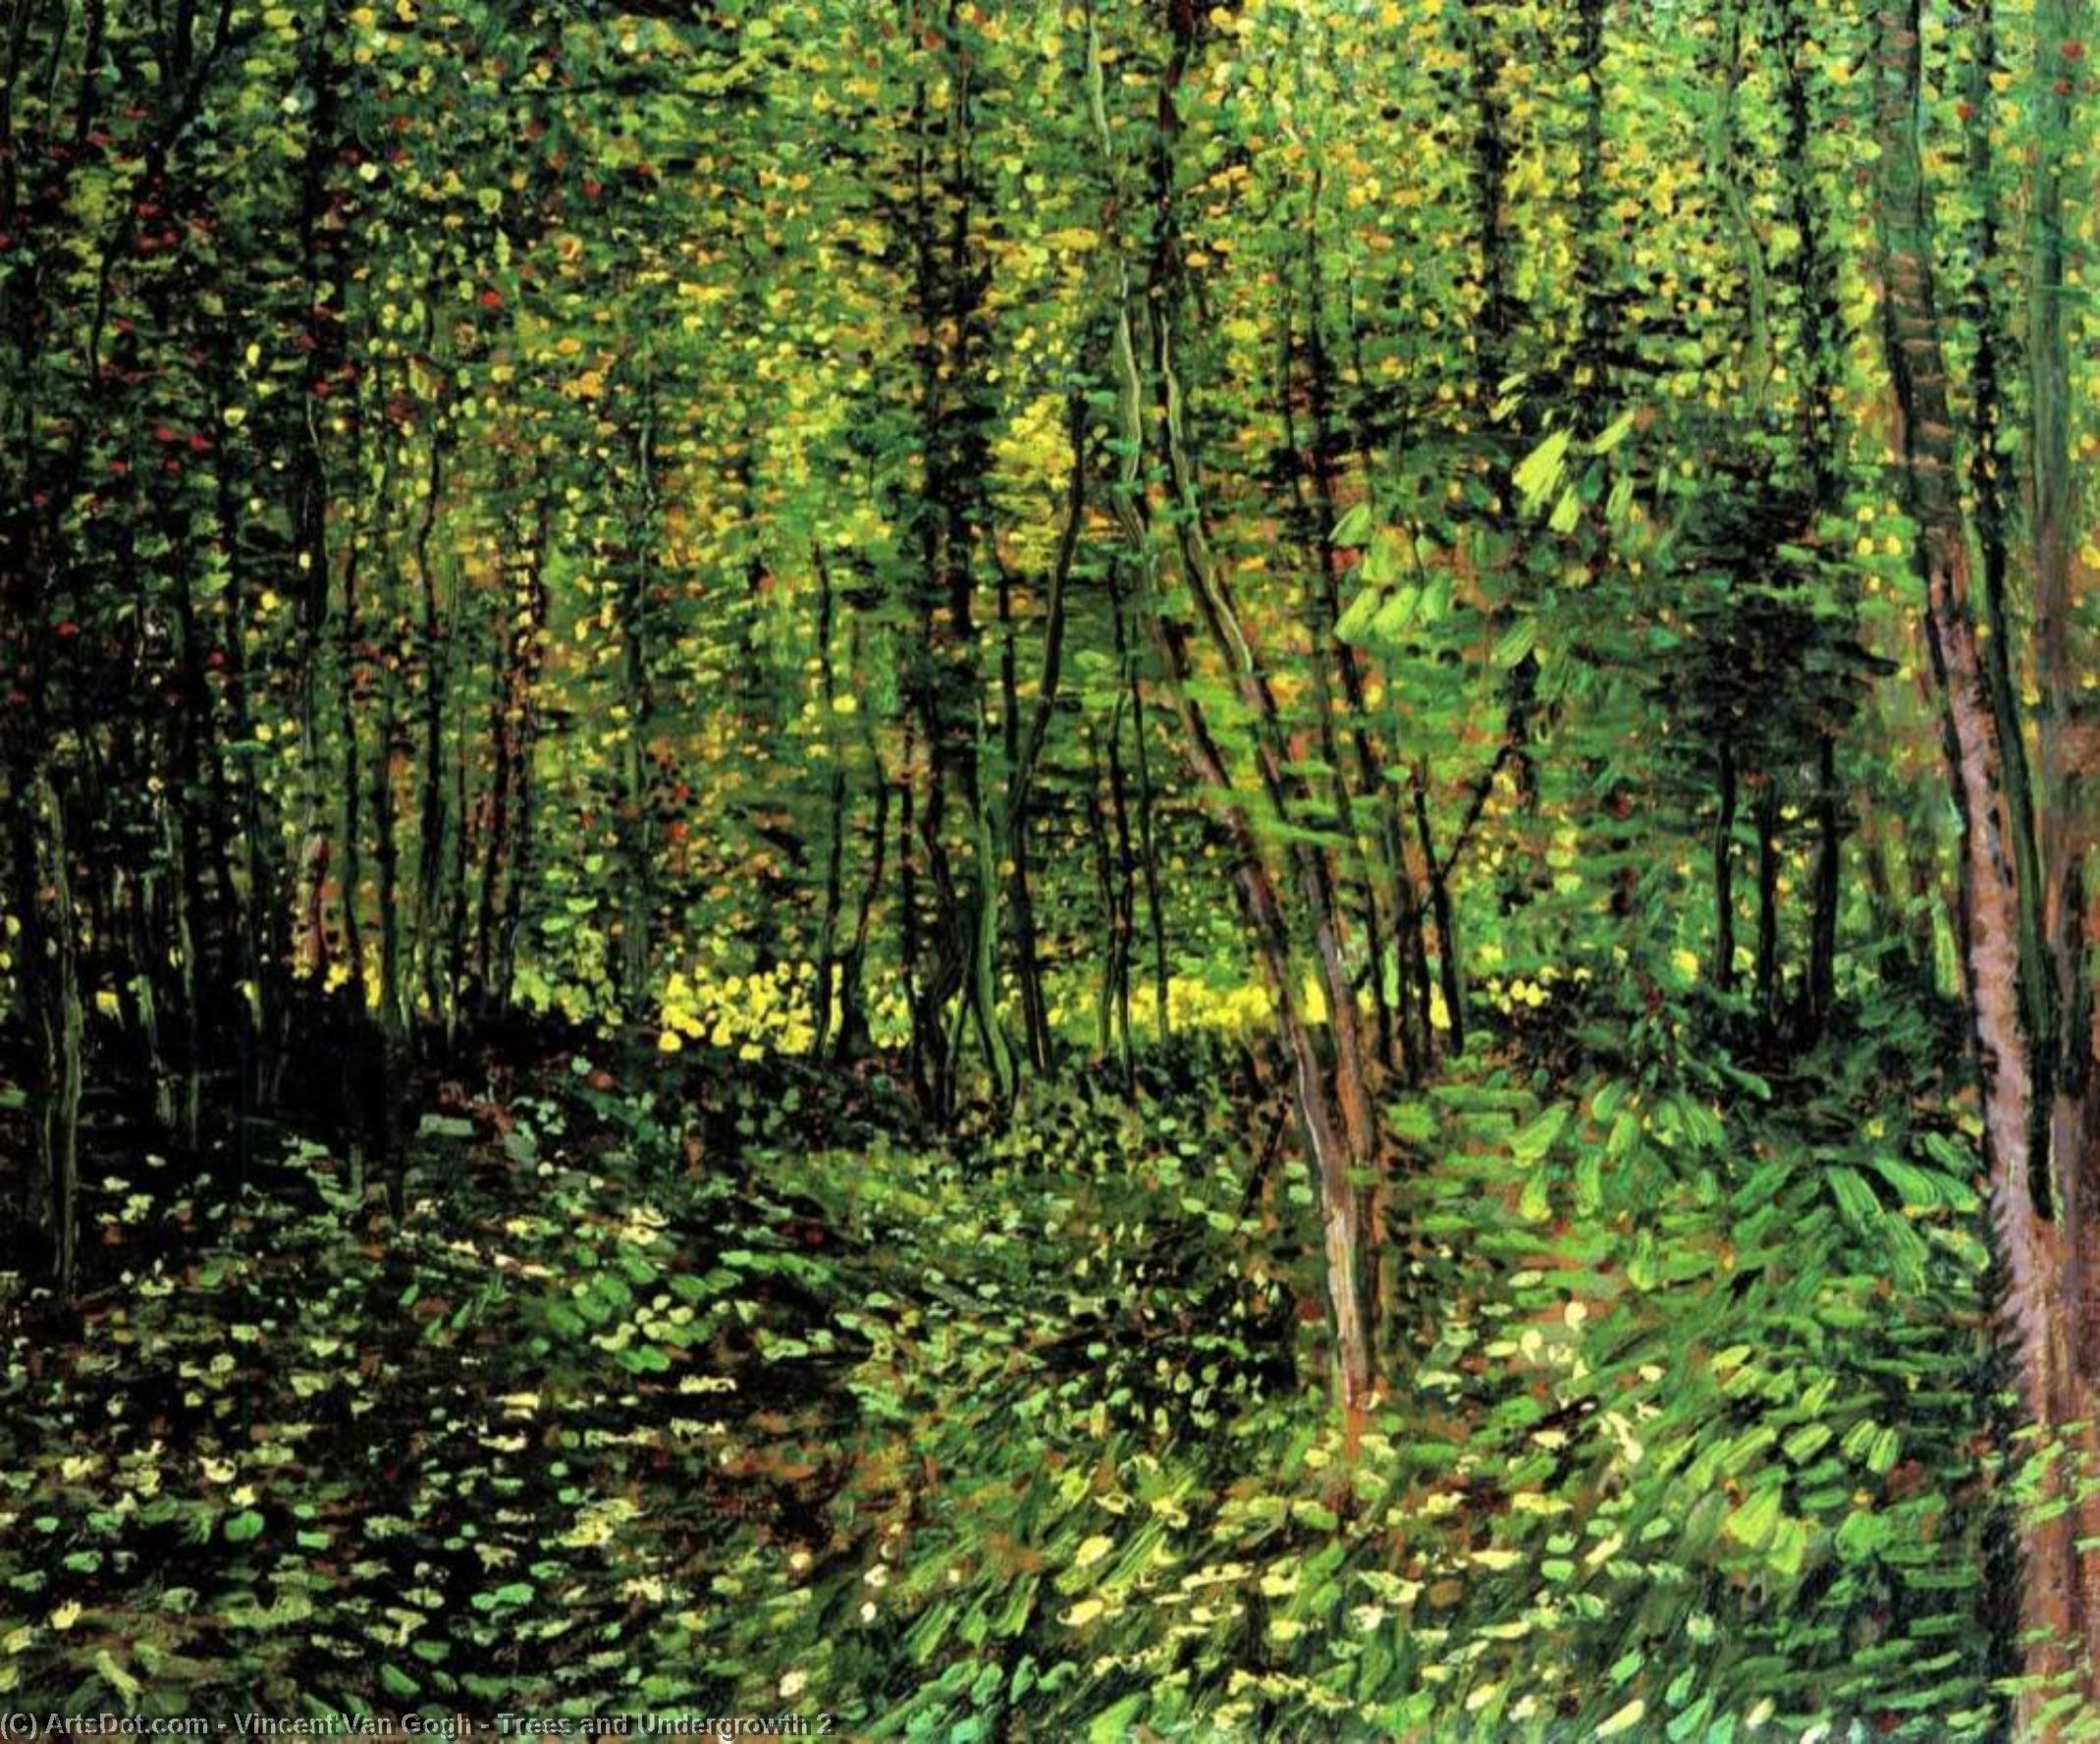 WikiOO.org - Enciklopedija likovnih umjetnosti - Slikarstvo, umjetnička djela Vincent Van Gogh - Trees and Undergrowth 2